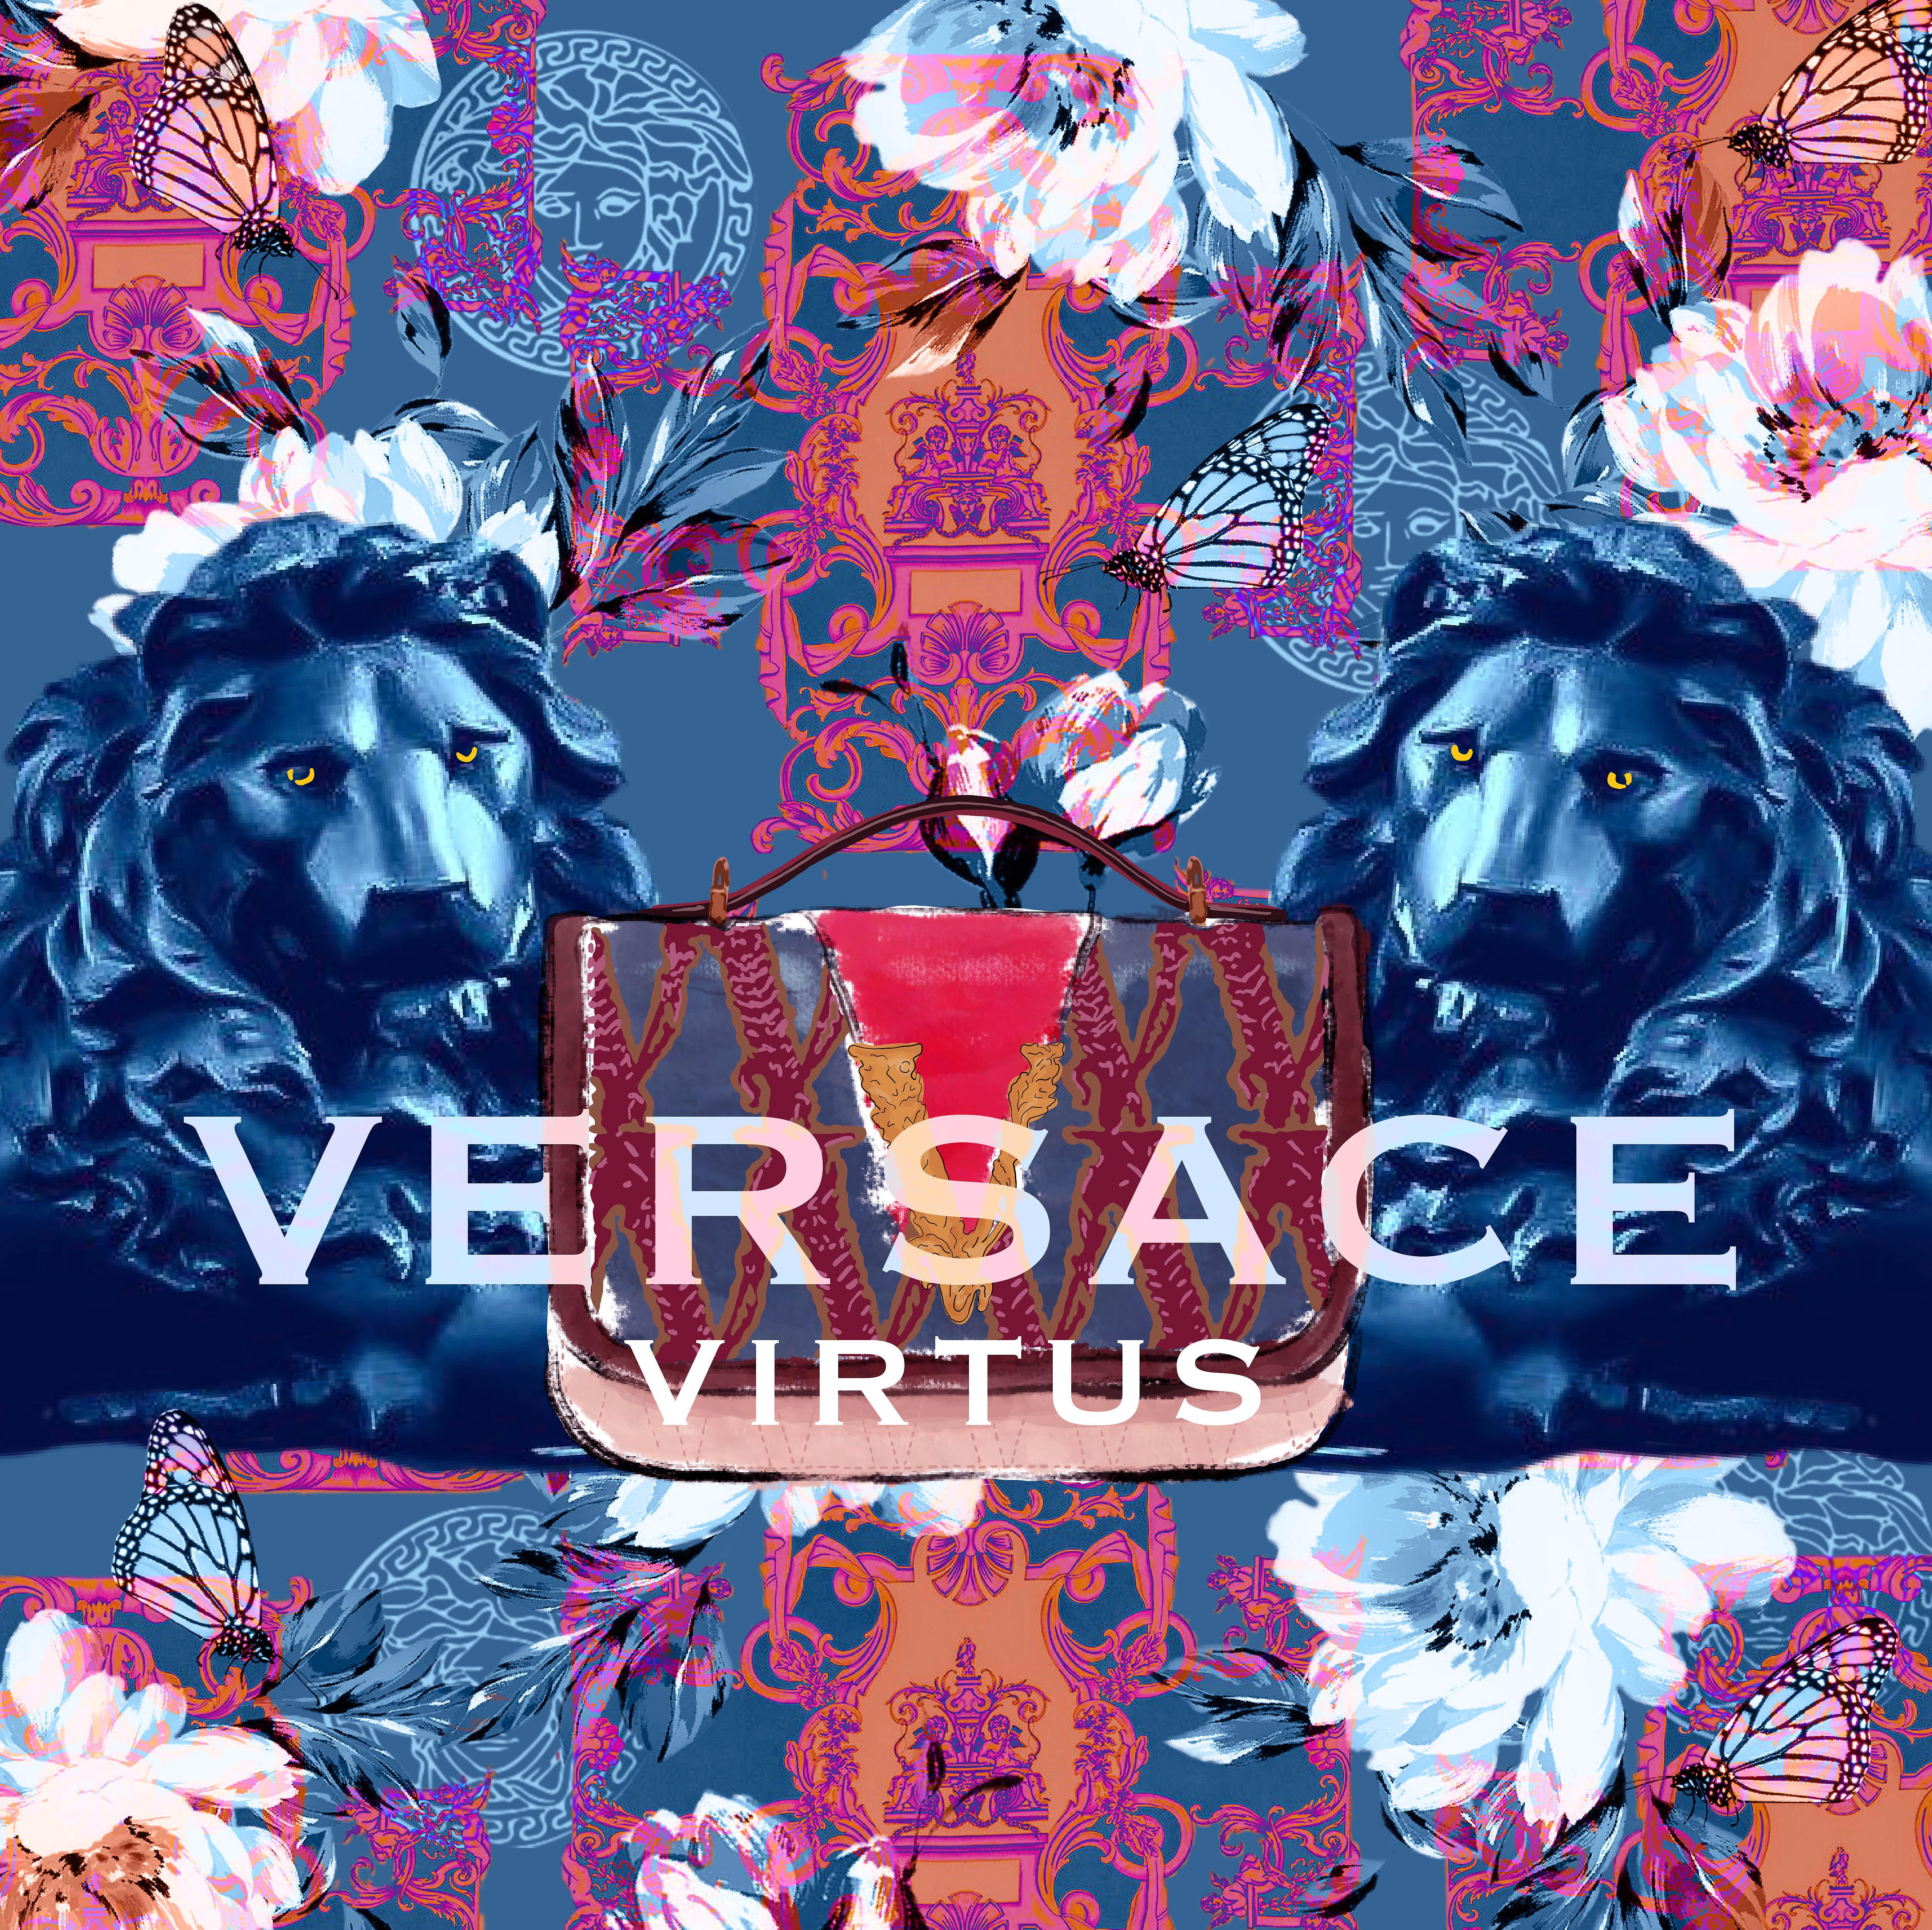 Versace Virtus